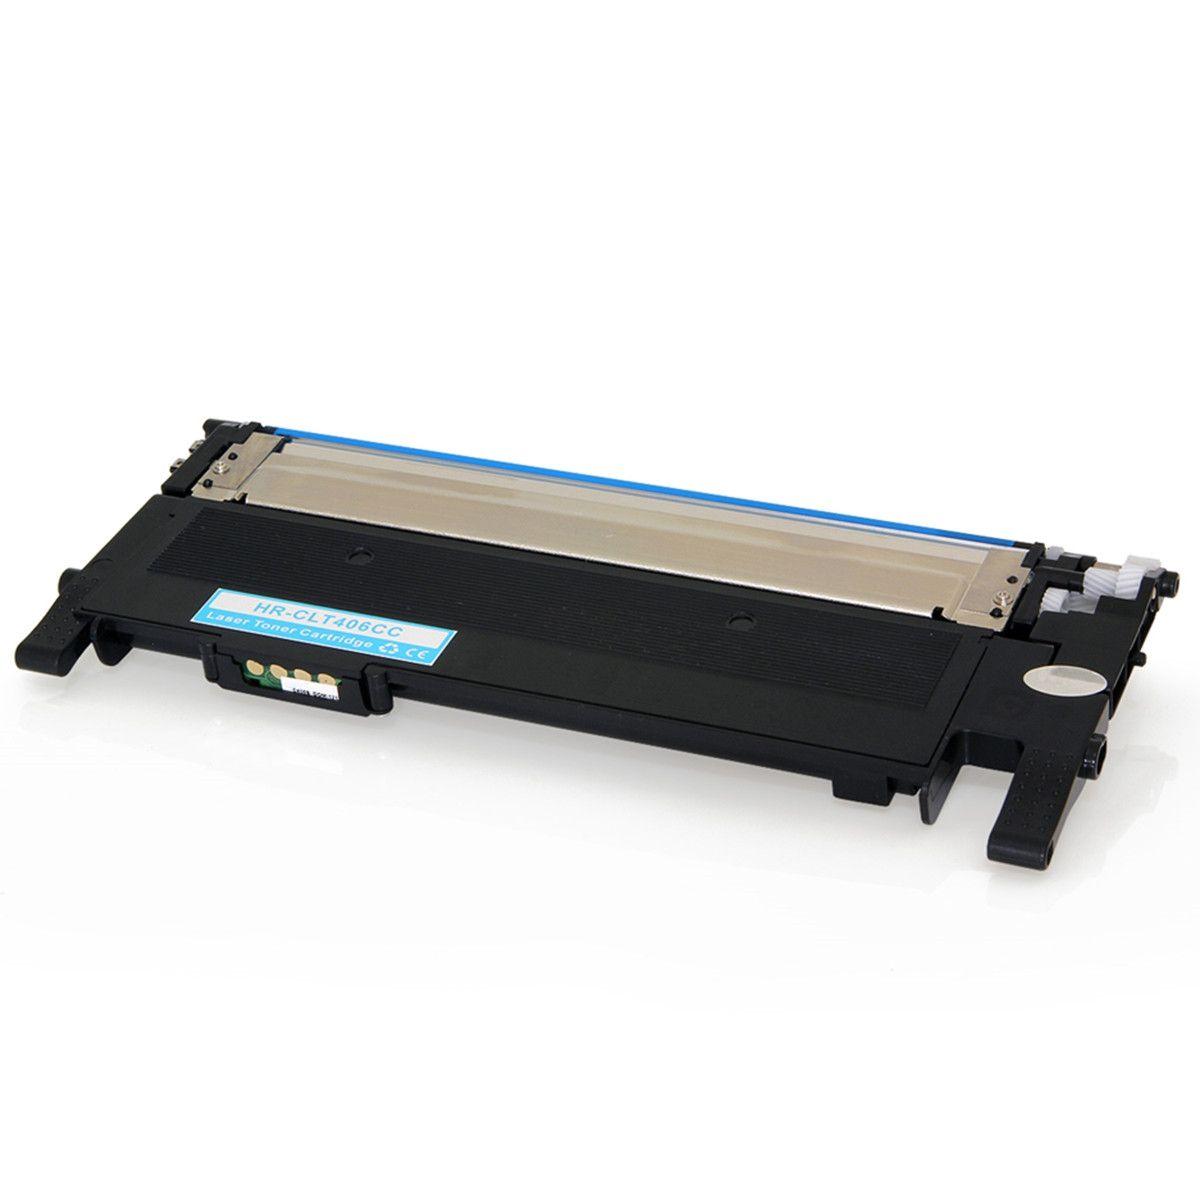 Toner compatível com SAMSUNG CLT-C406S Ciano 1.000 Páginas - Cartucho & Cia